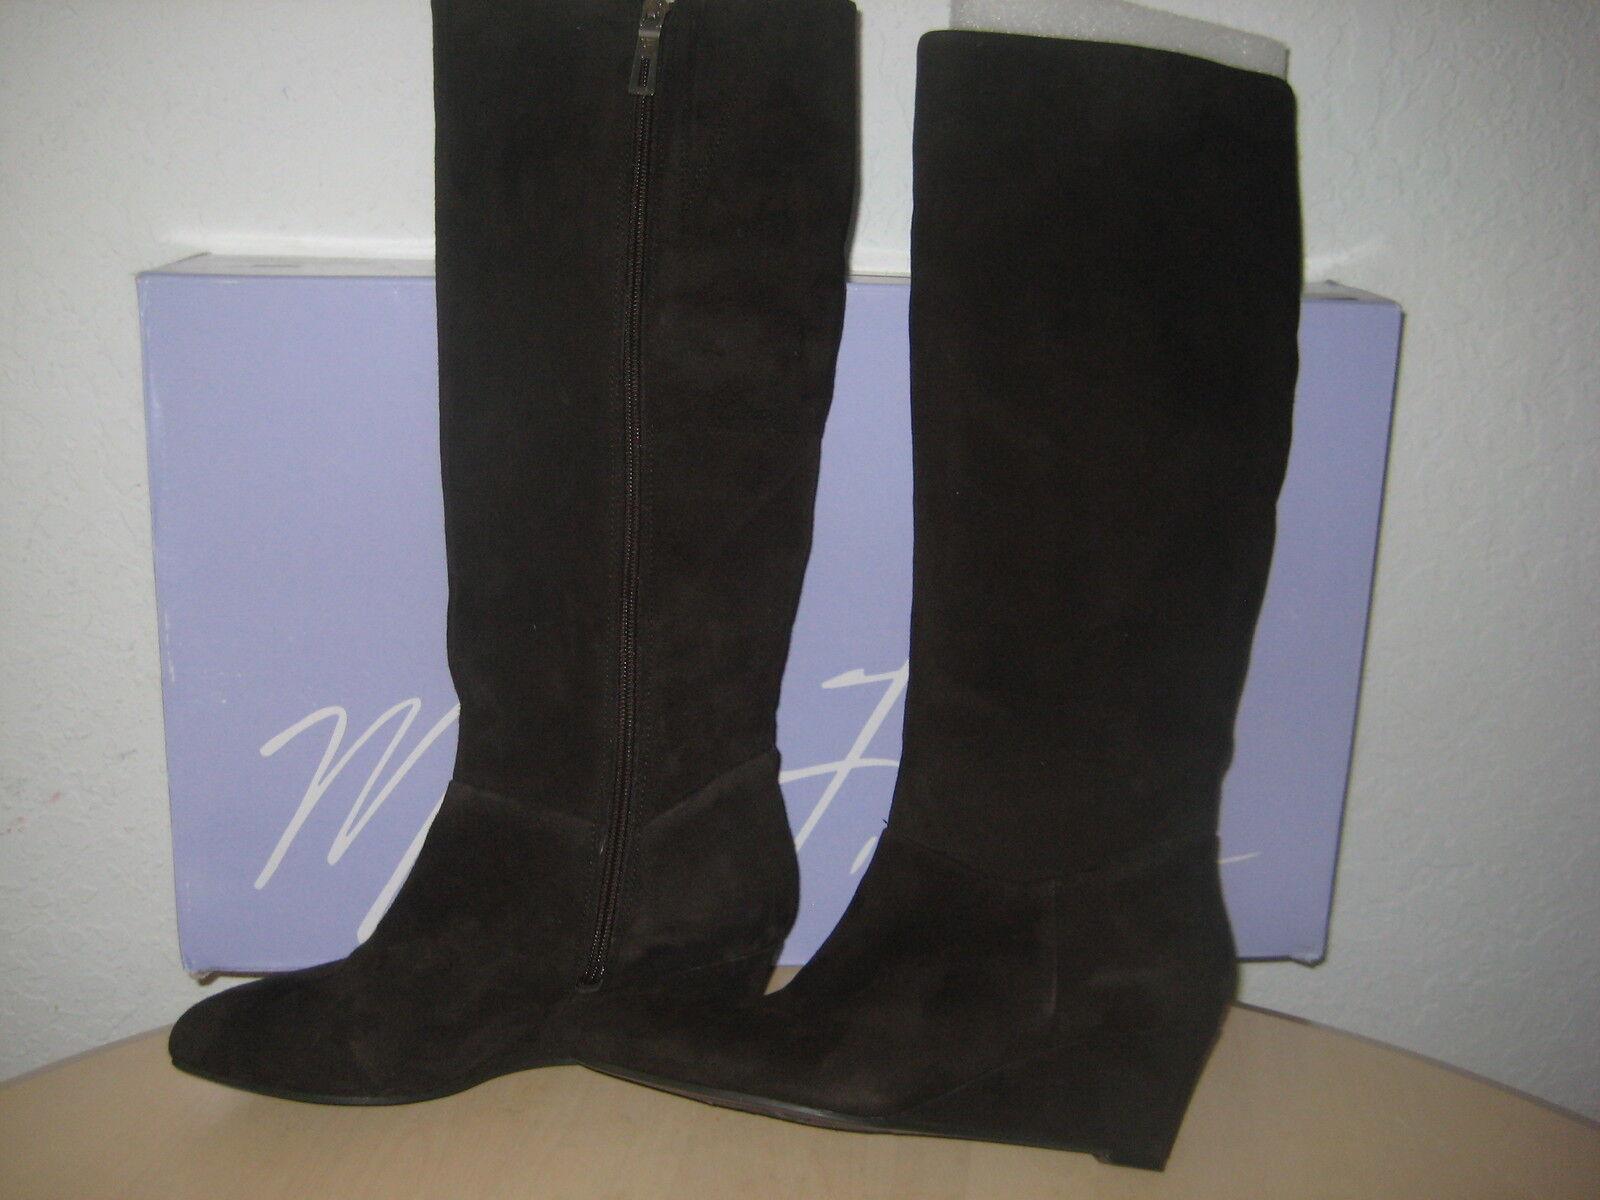 Marc Fisher Schuhes 6.5 M M 6.5 Damenschuhe New Verifies Dark Braun Suede Knee High Stiefel e44510